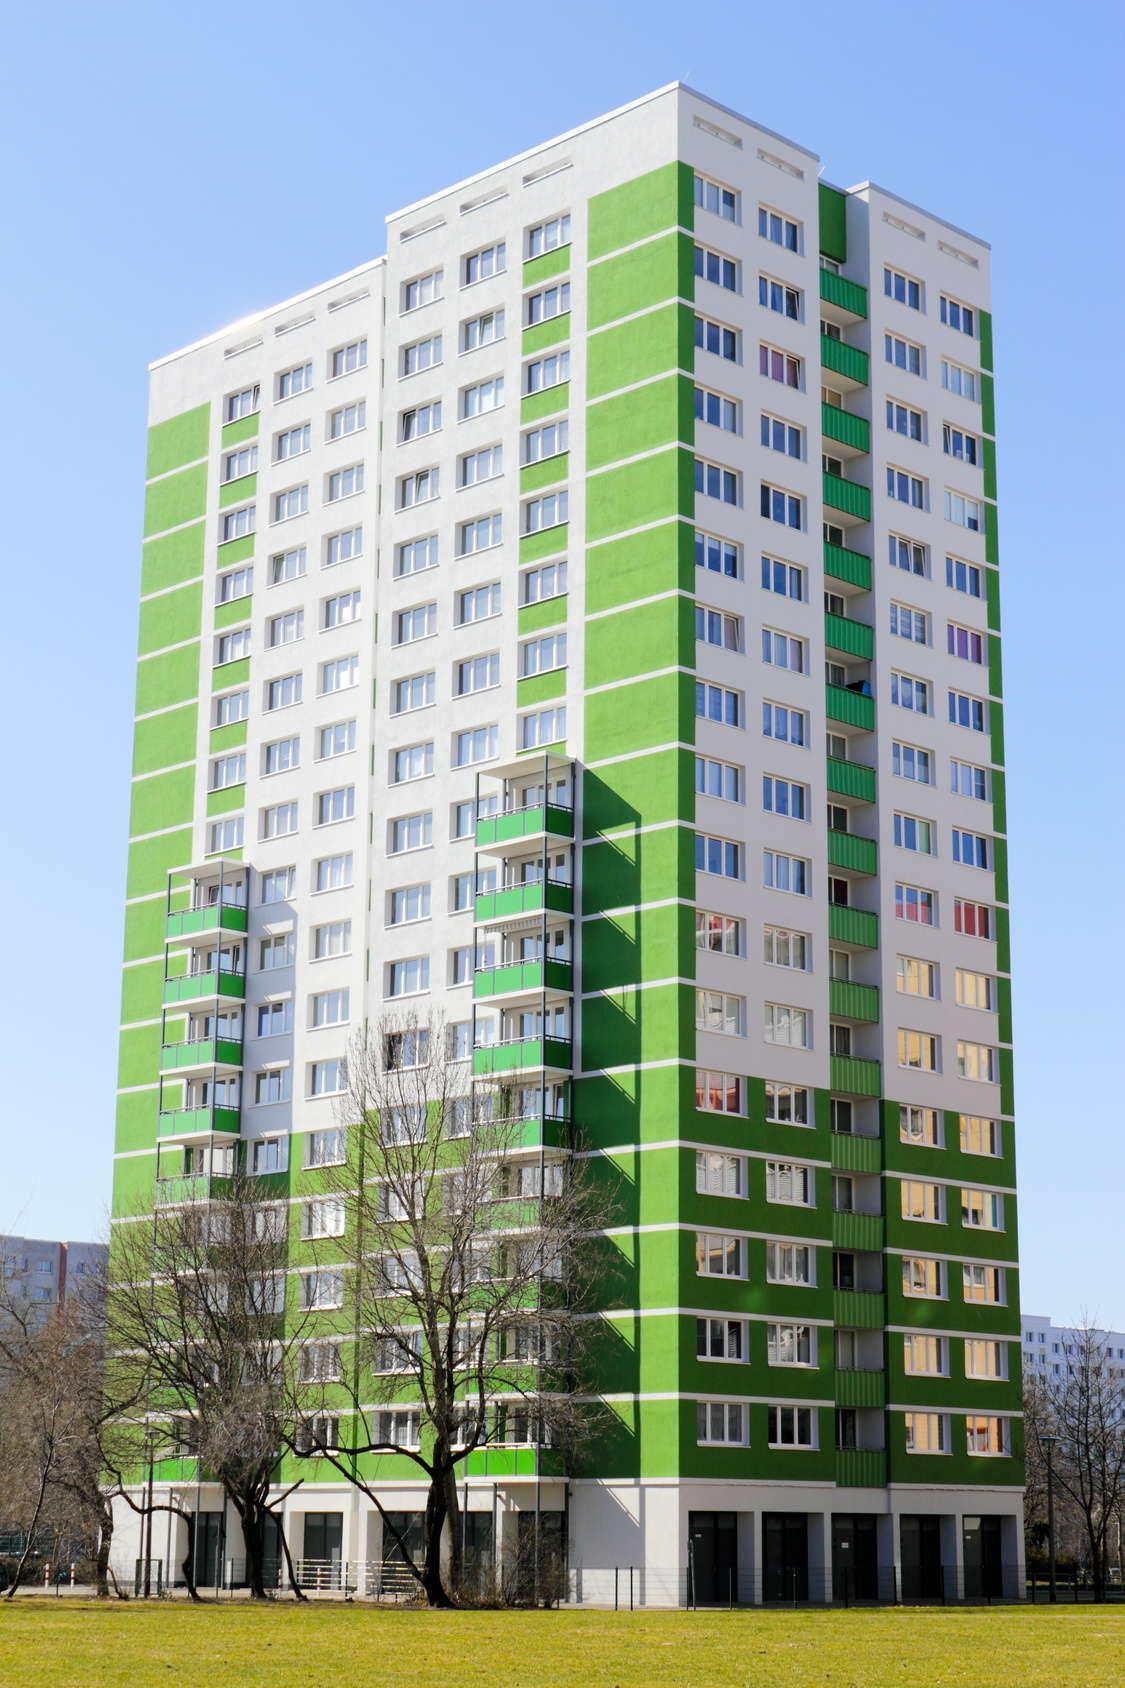 Mieszkanie z rynku wtórnego czy pierwotnego? - full image